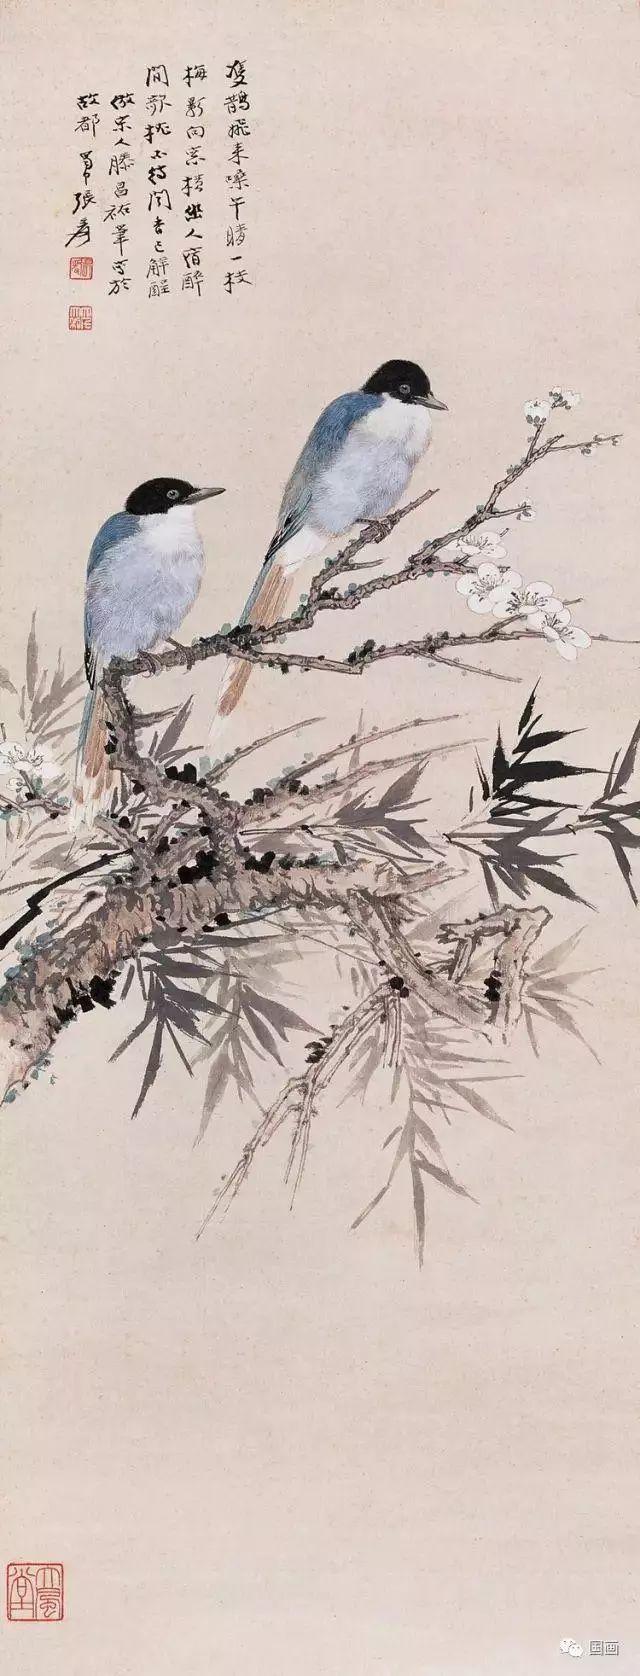 中国画的笔墨、程式、自然